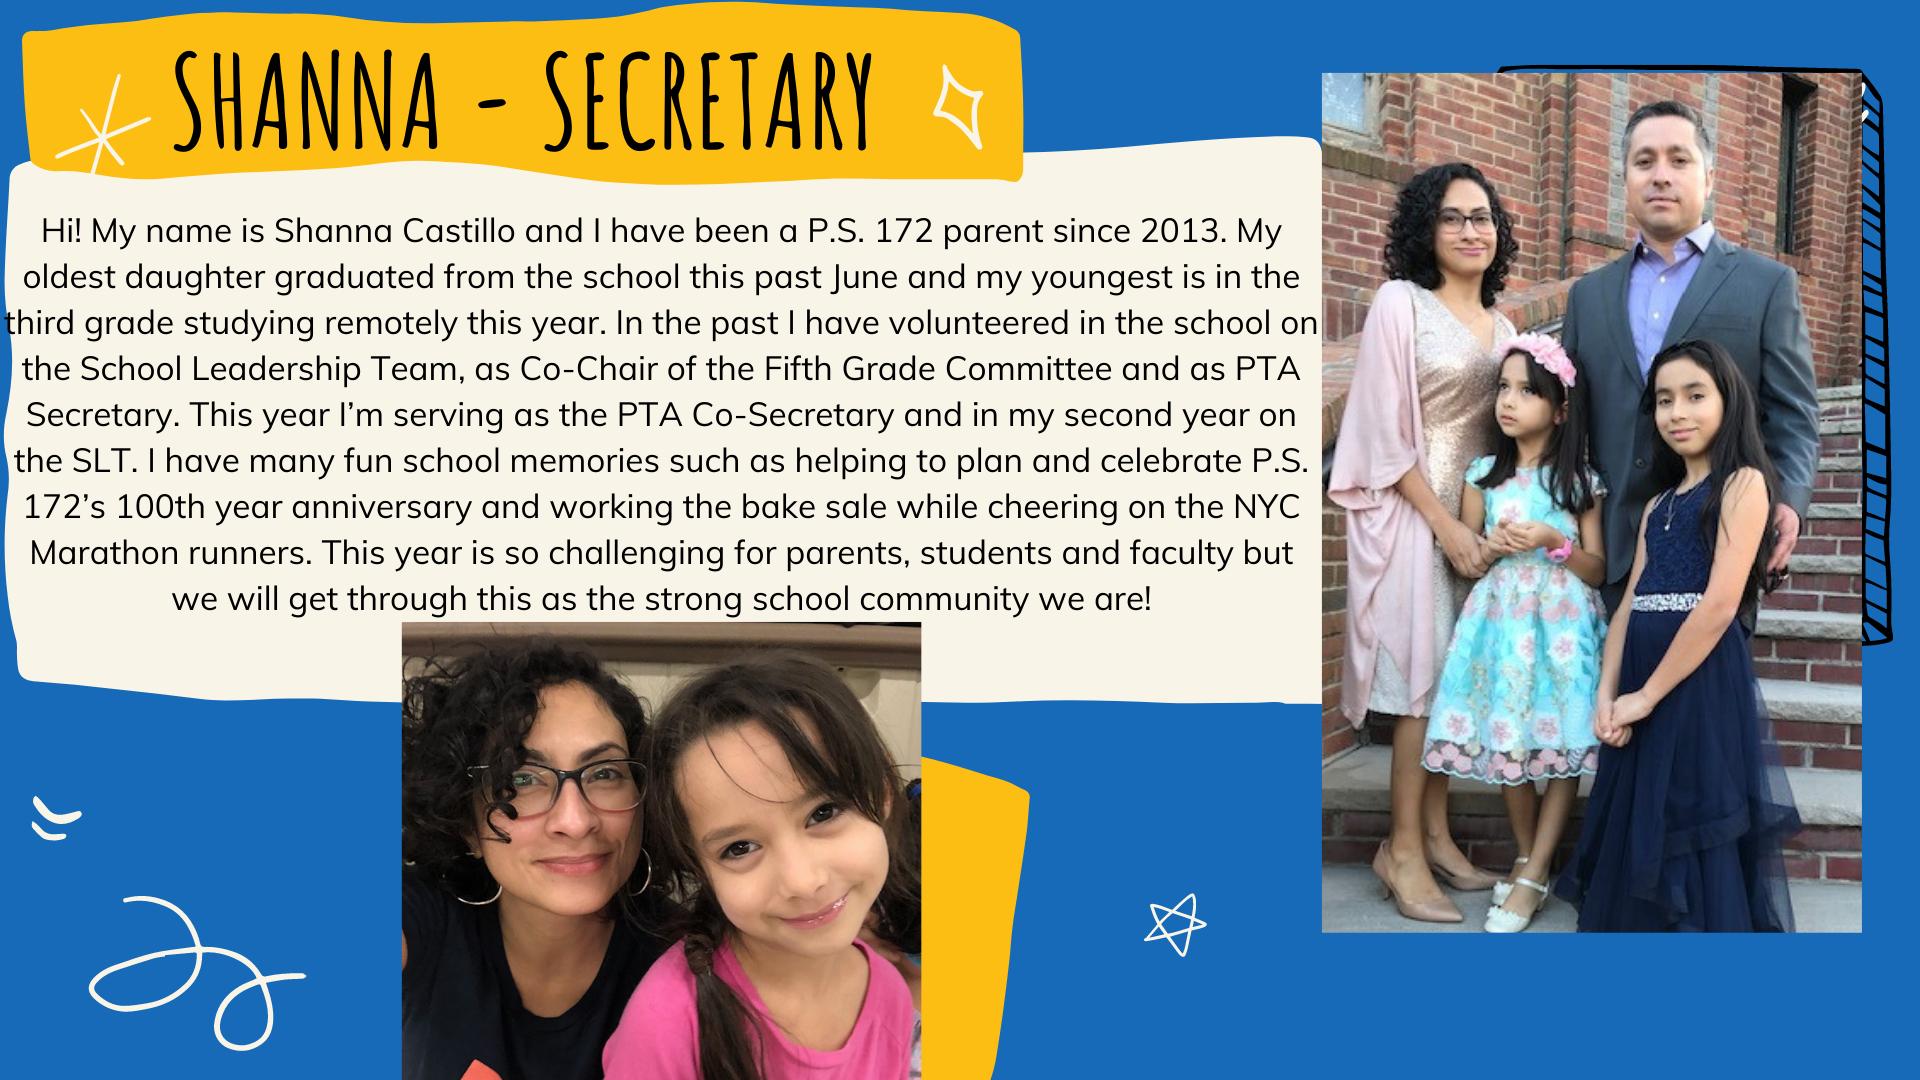 Shanna Castillo - Secretary